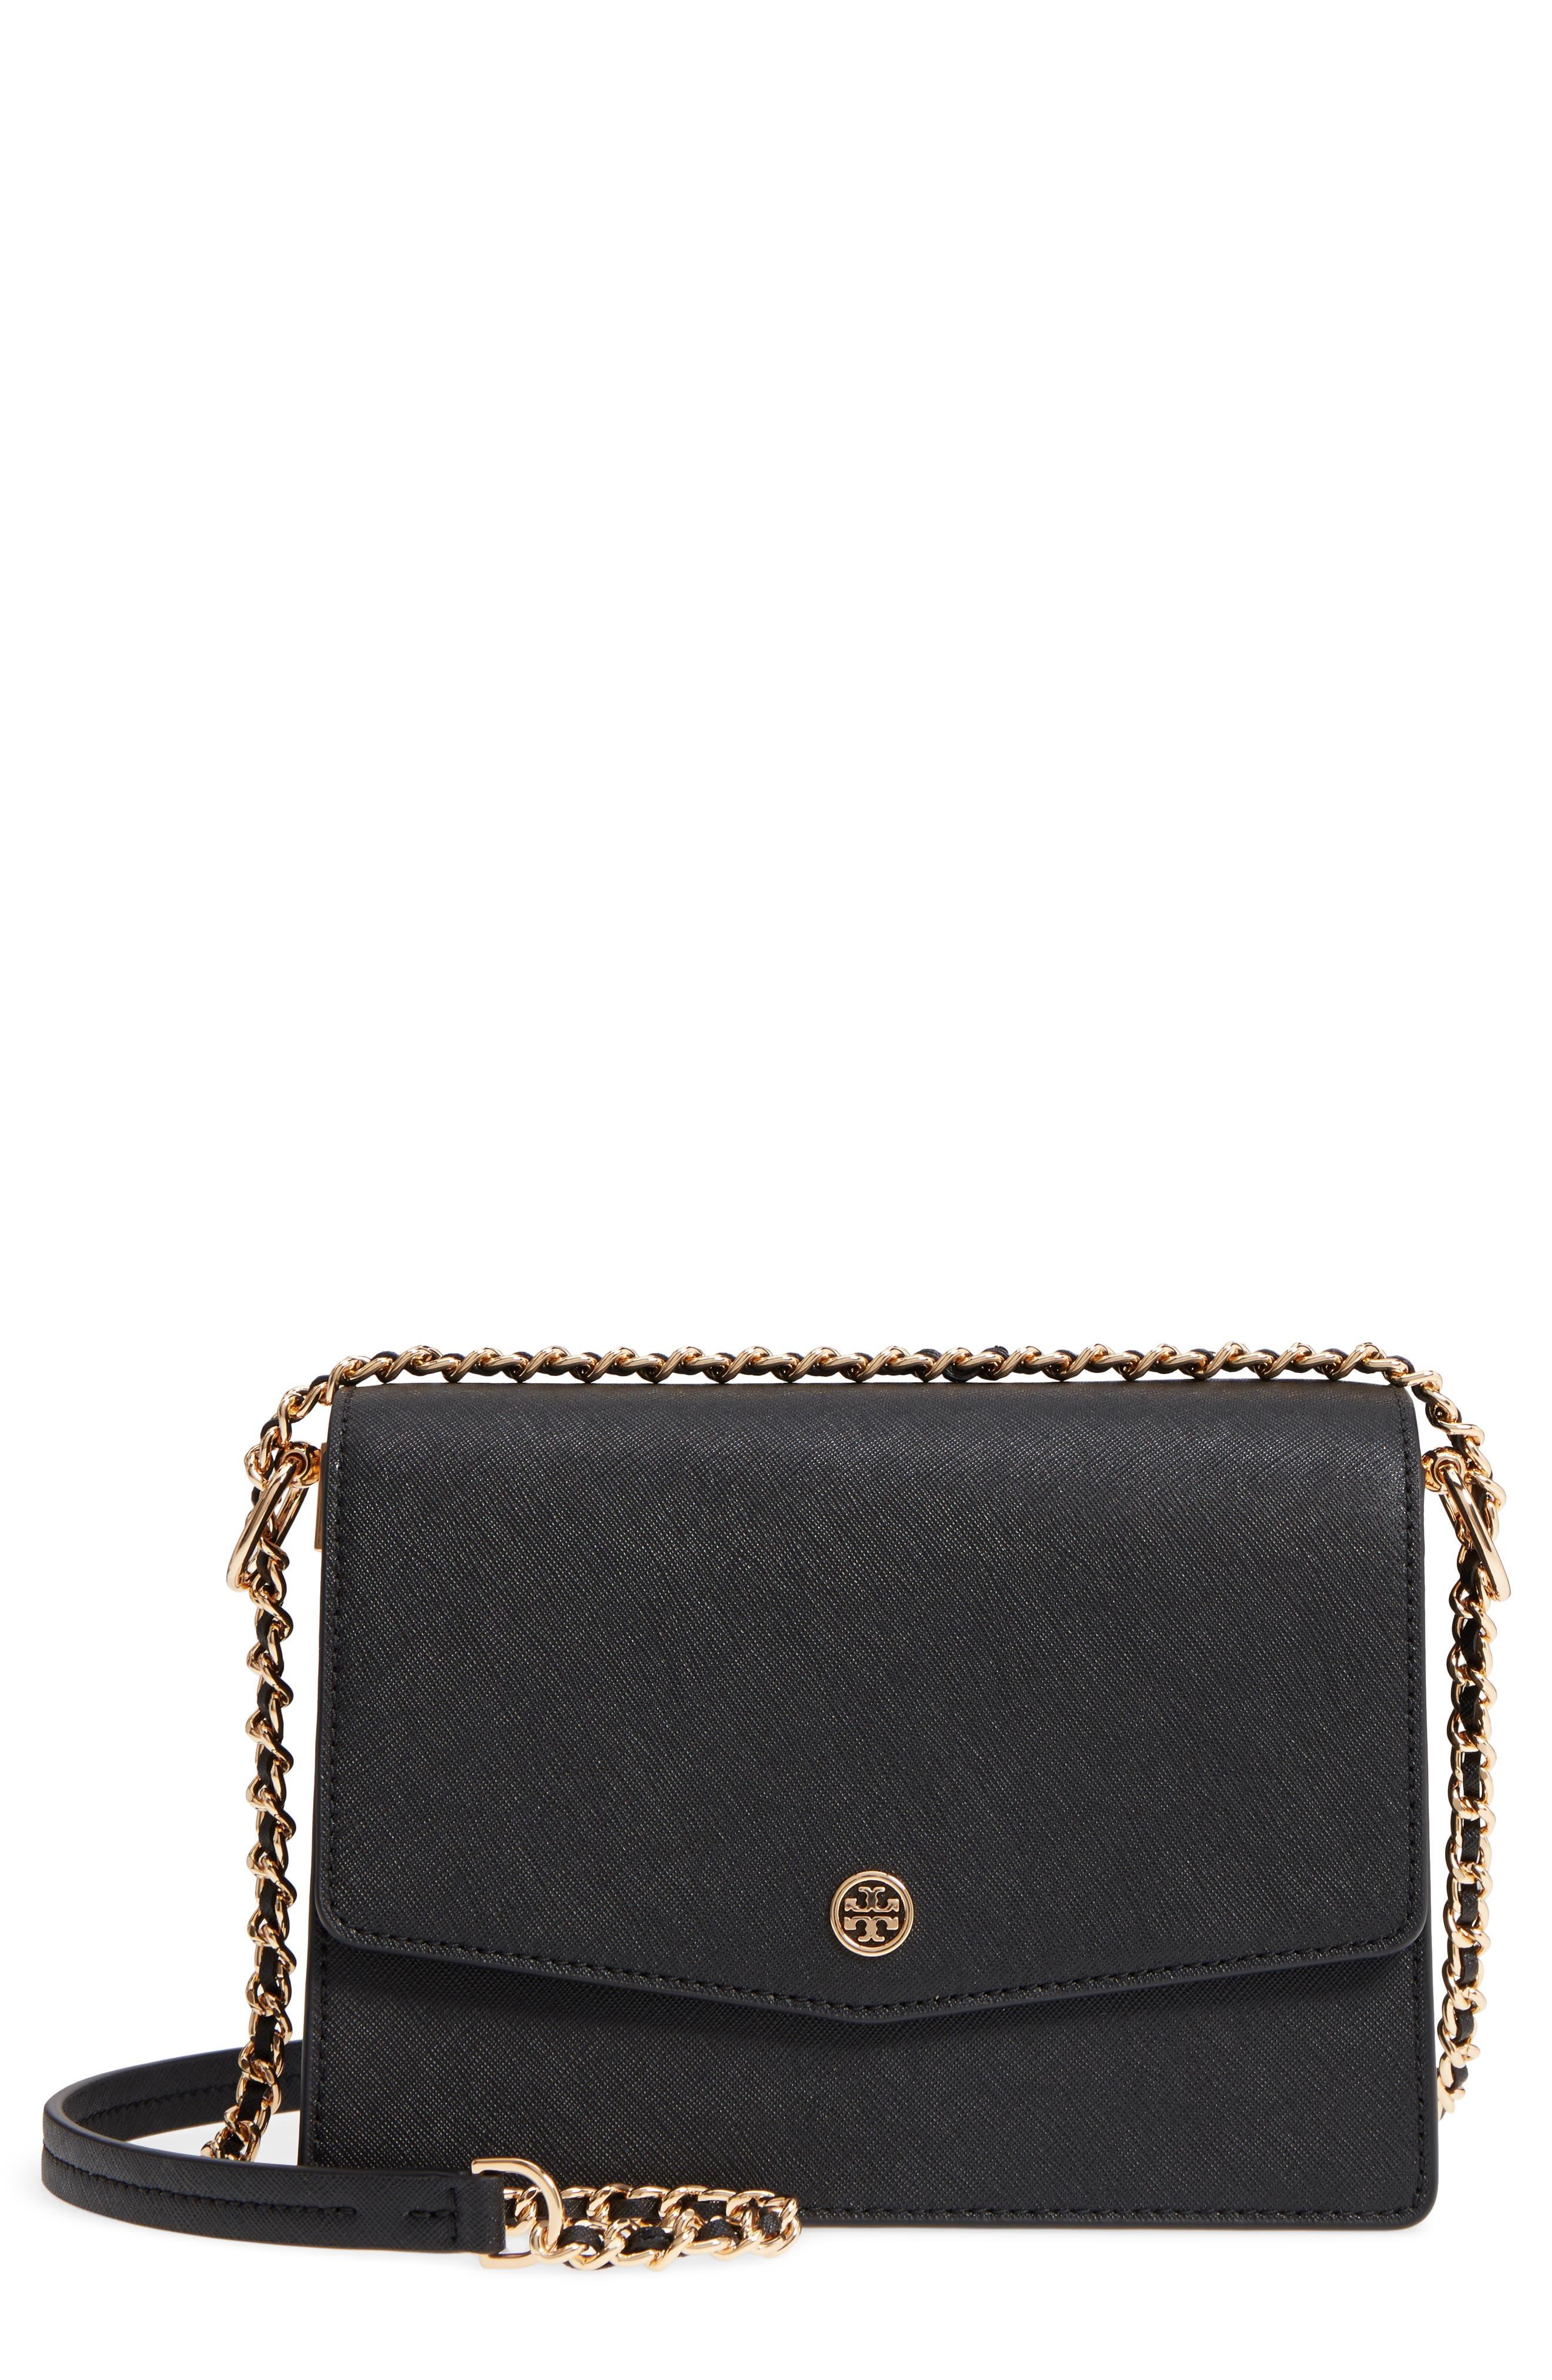 Robinson Convertible Leather Shoulder Bag,                             Main thumbnail 1, color,                             BLACK / ROYAL NAVY